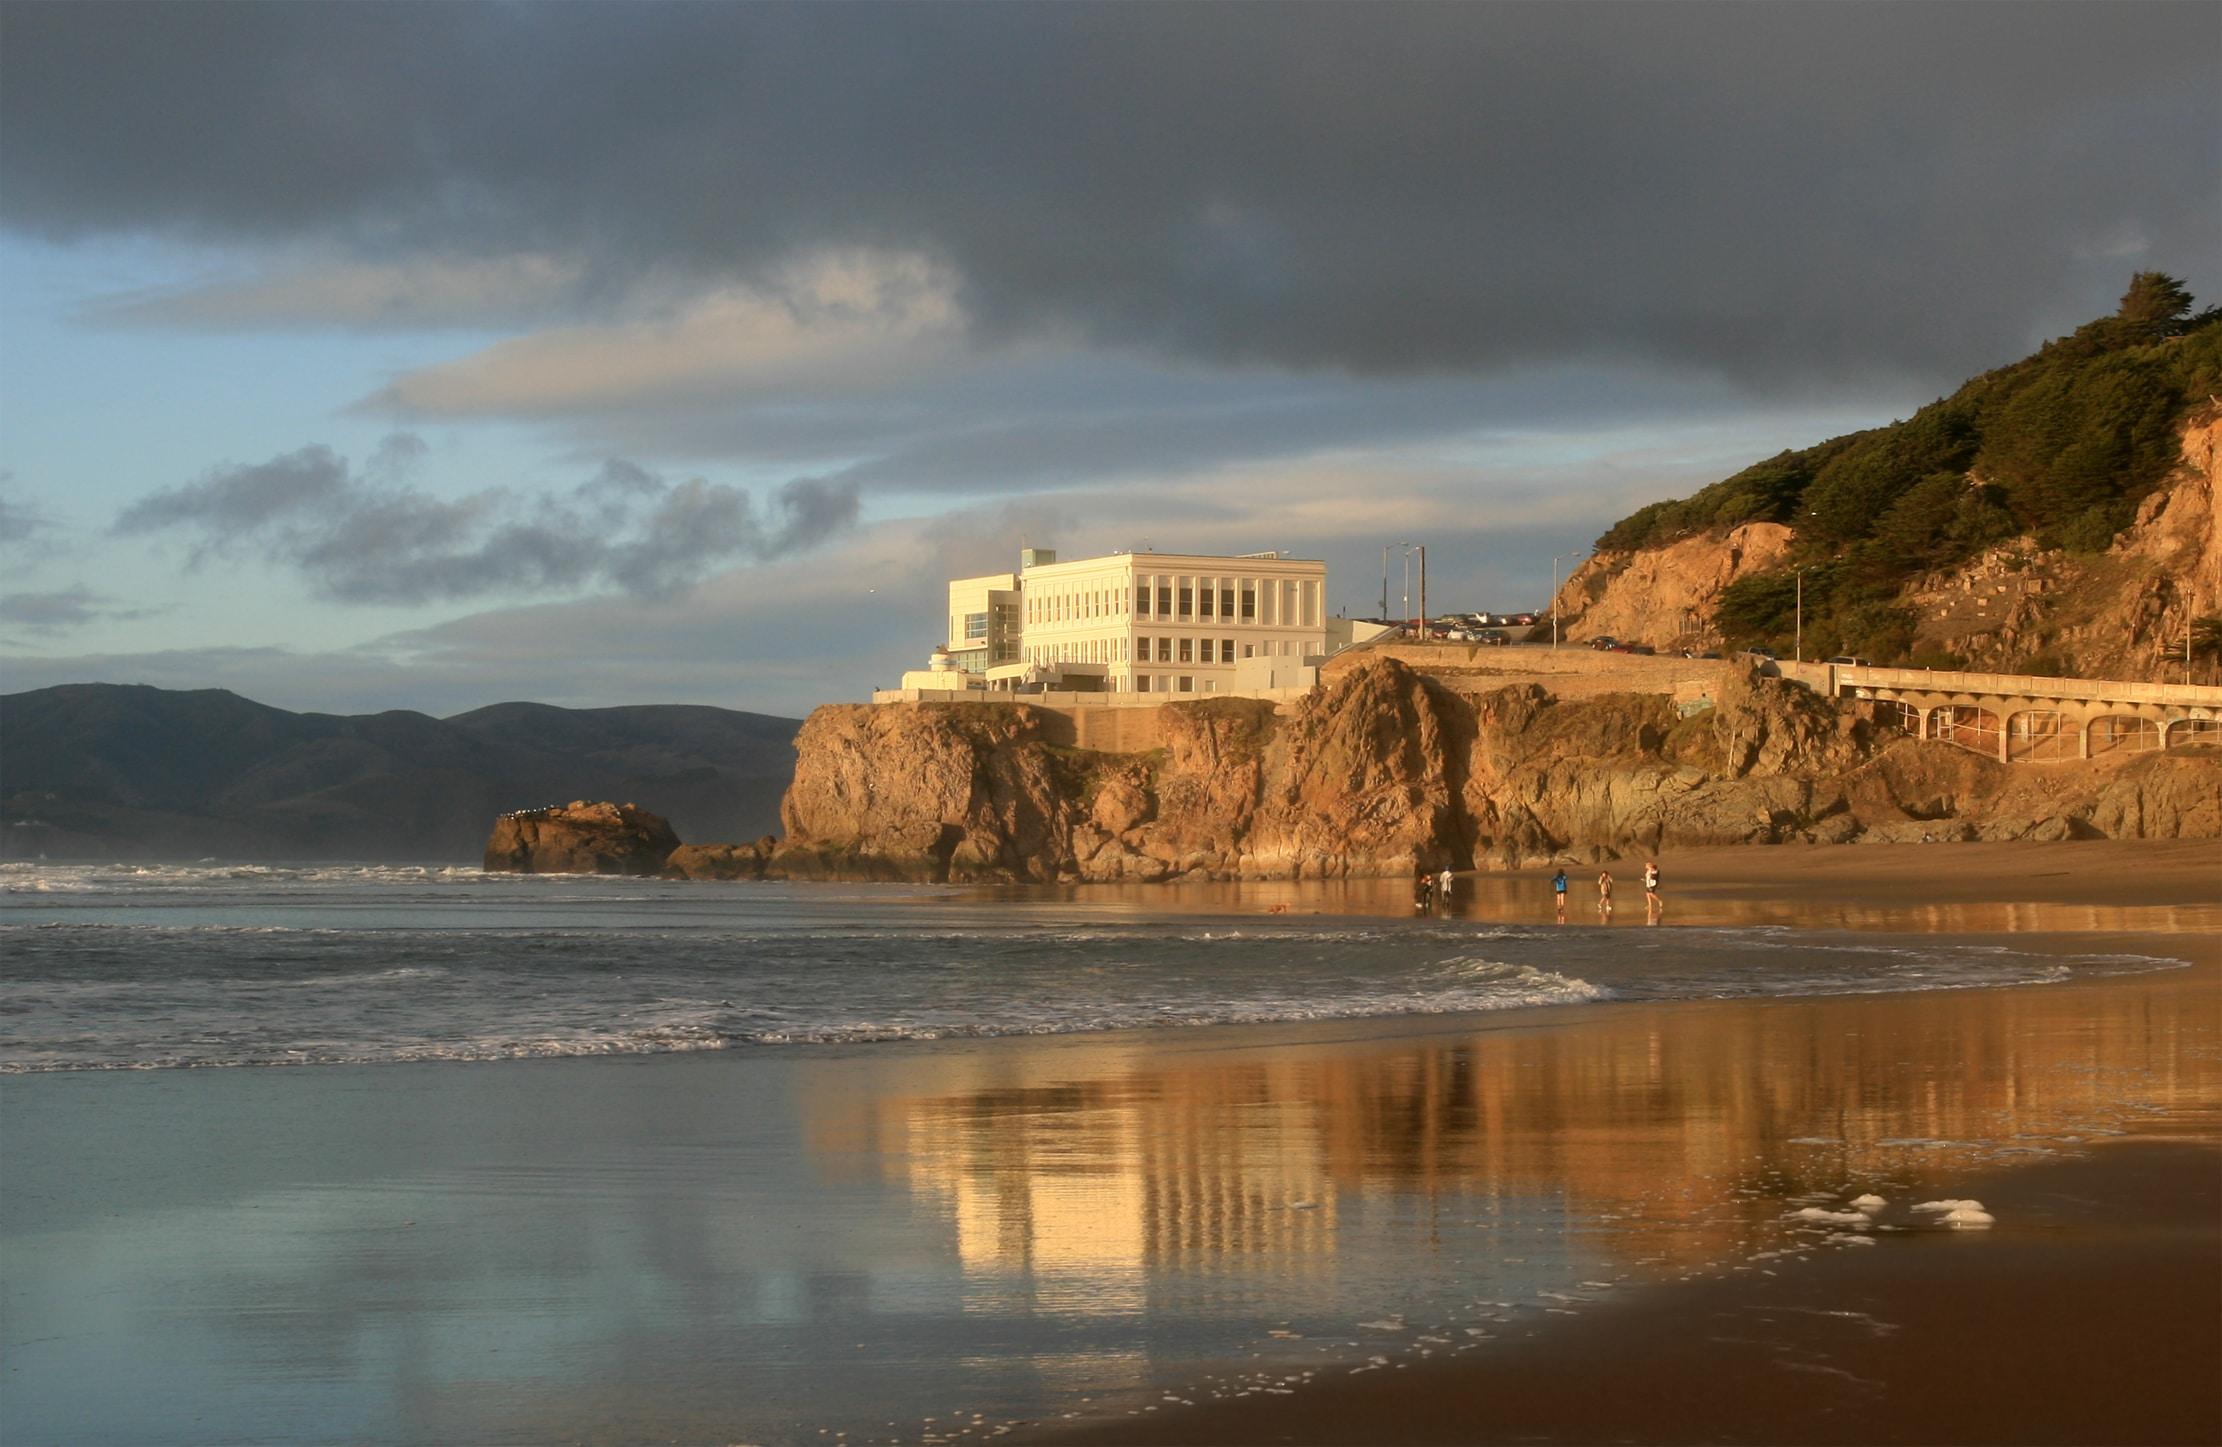 Best San Francisco beaches: Ocean Beach